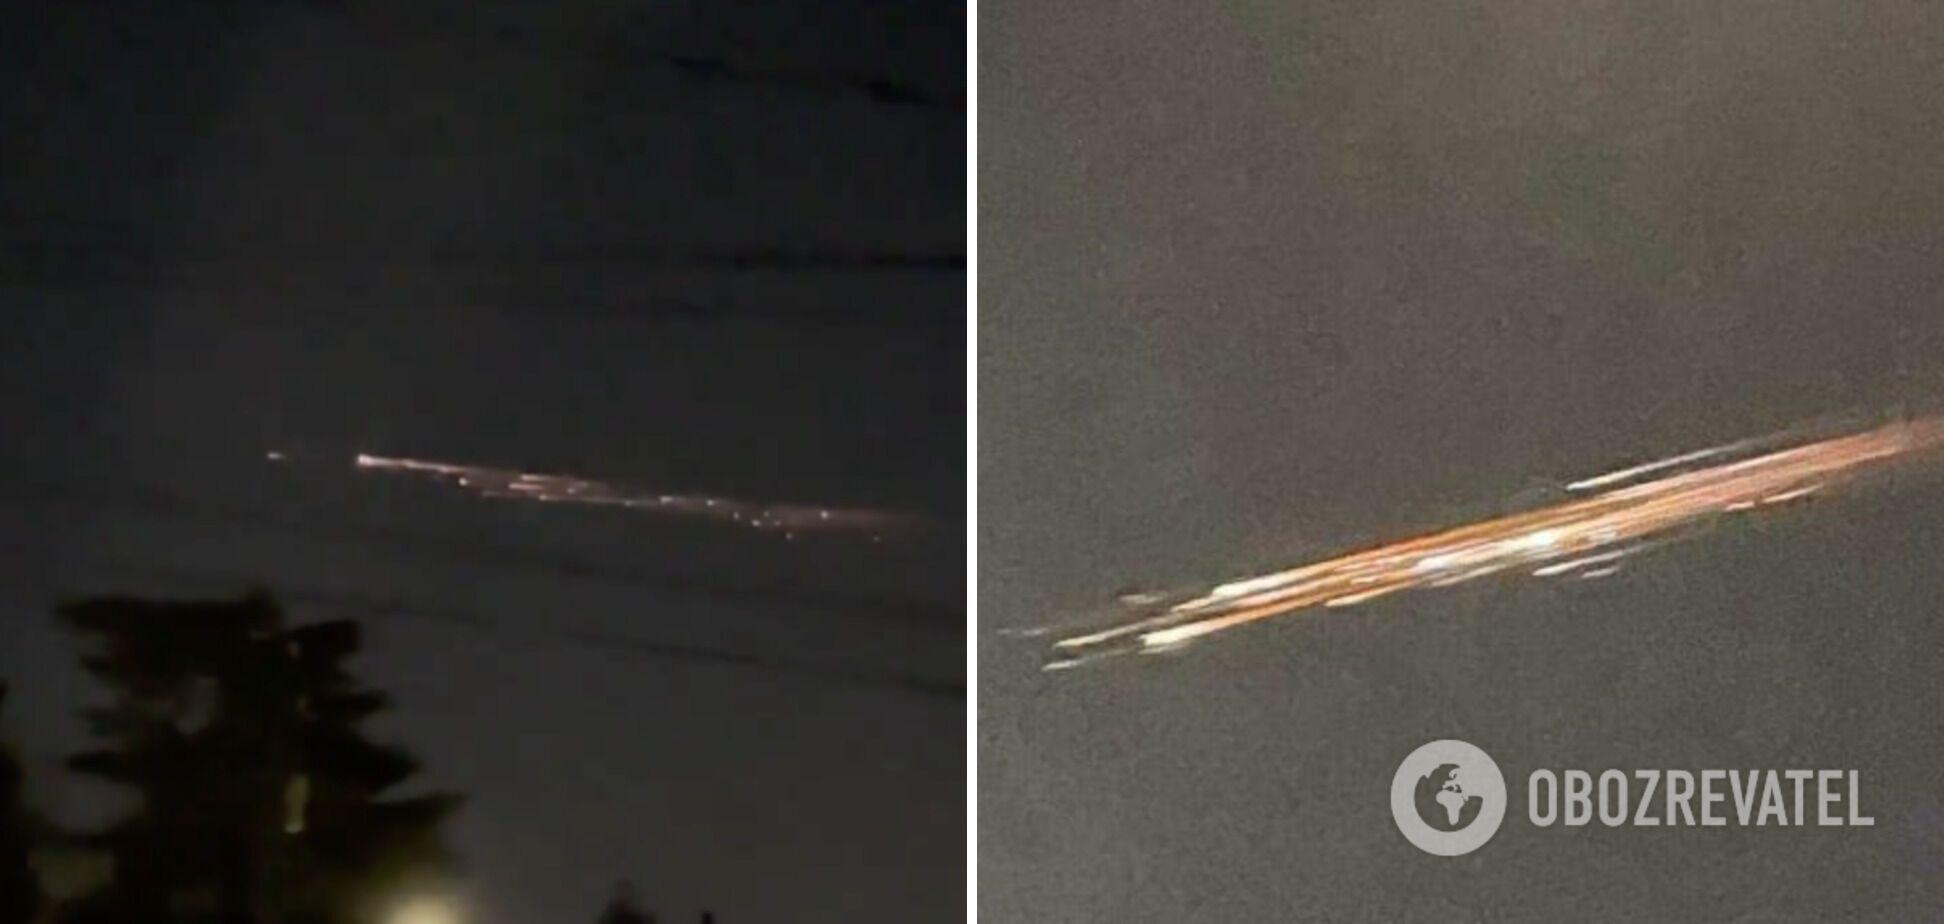 """Американці побачили """"містичні вогні"""" у небі: вони виявилися уламками ракети SpaceX. Фото"""